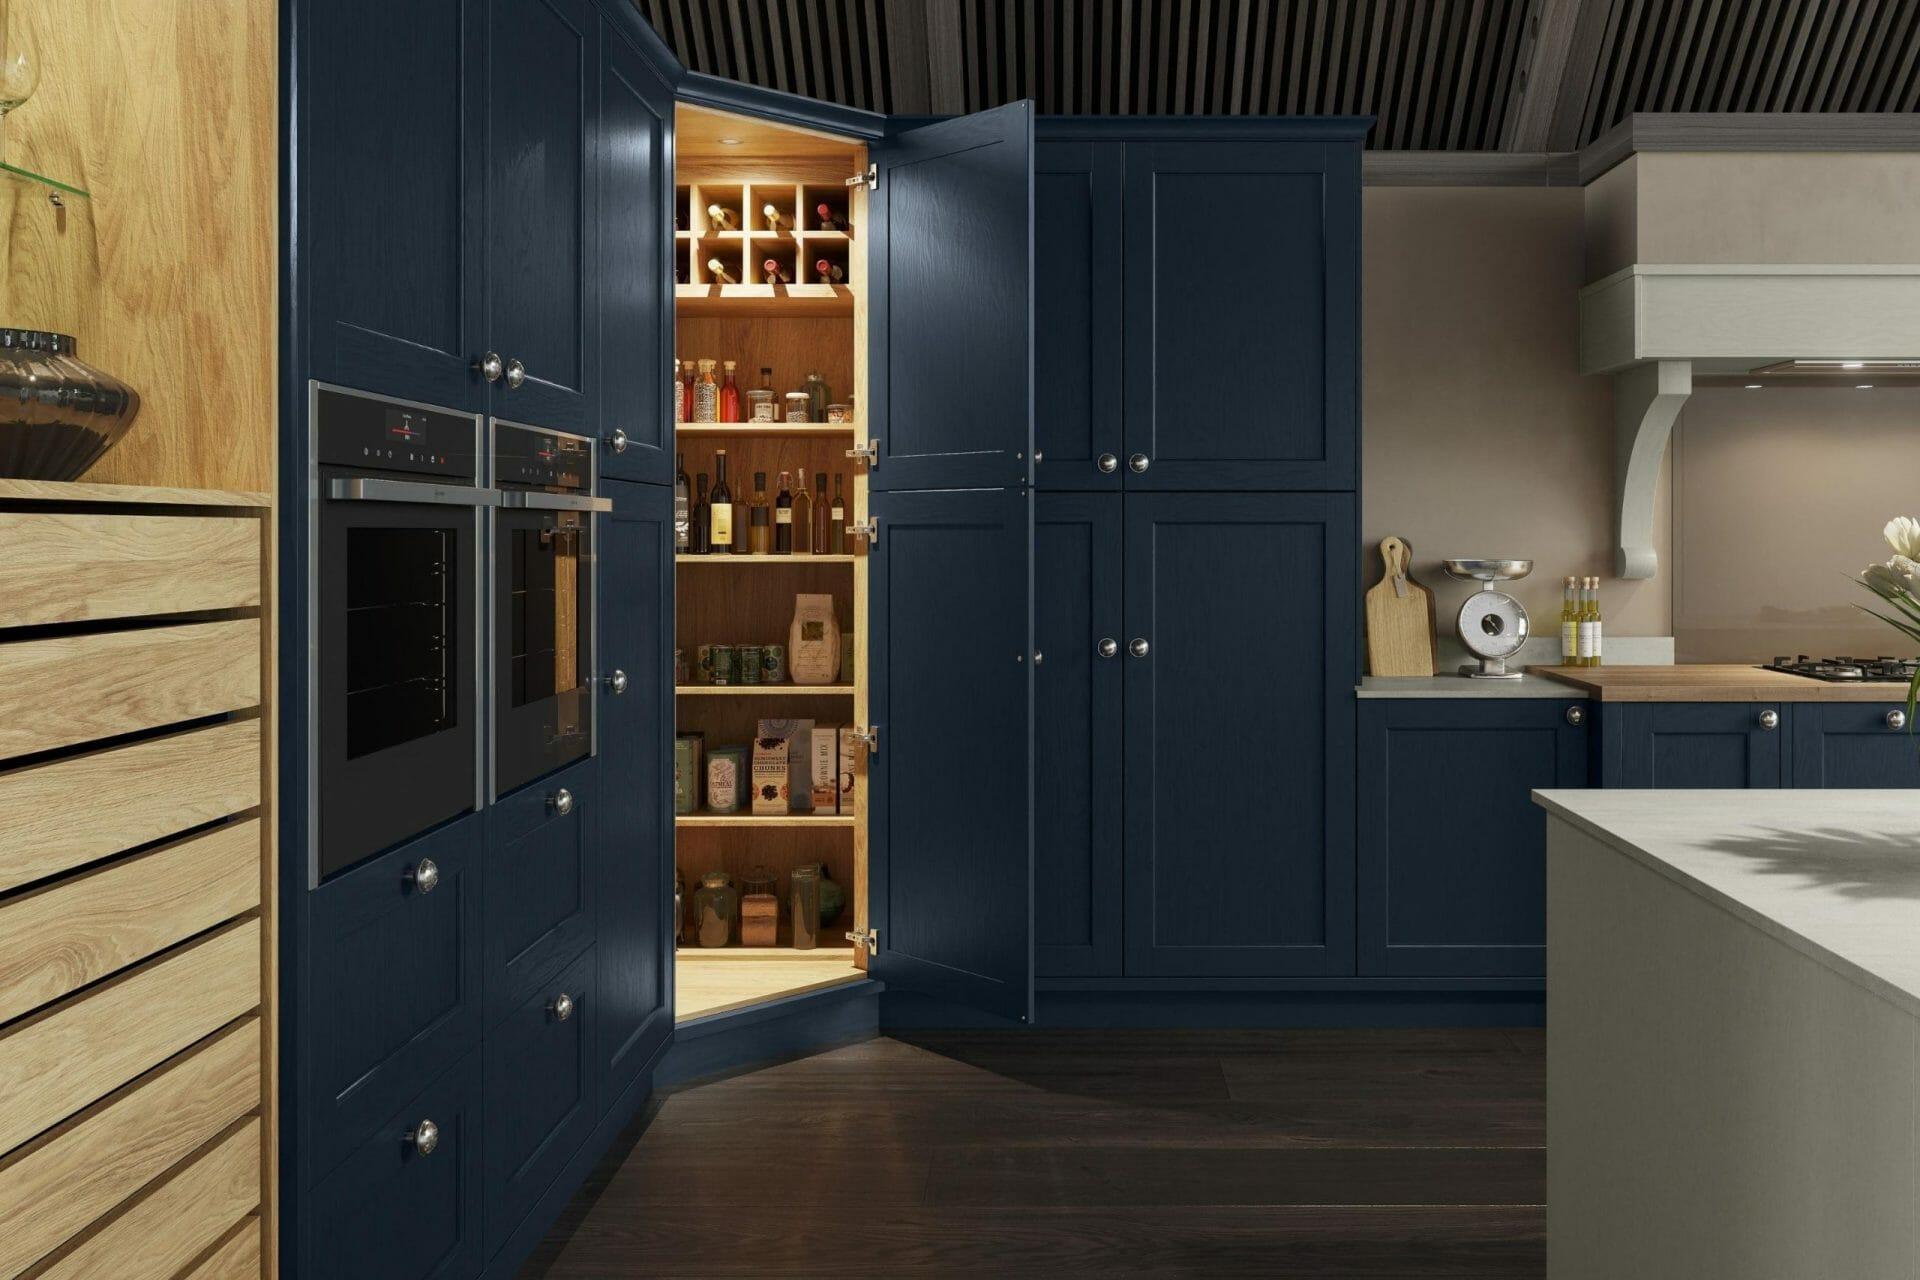 Dark Blue and Wood Shaker Kitchen